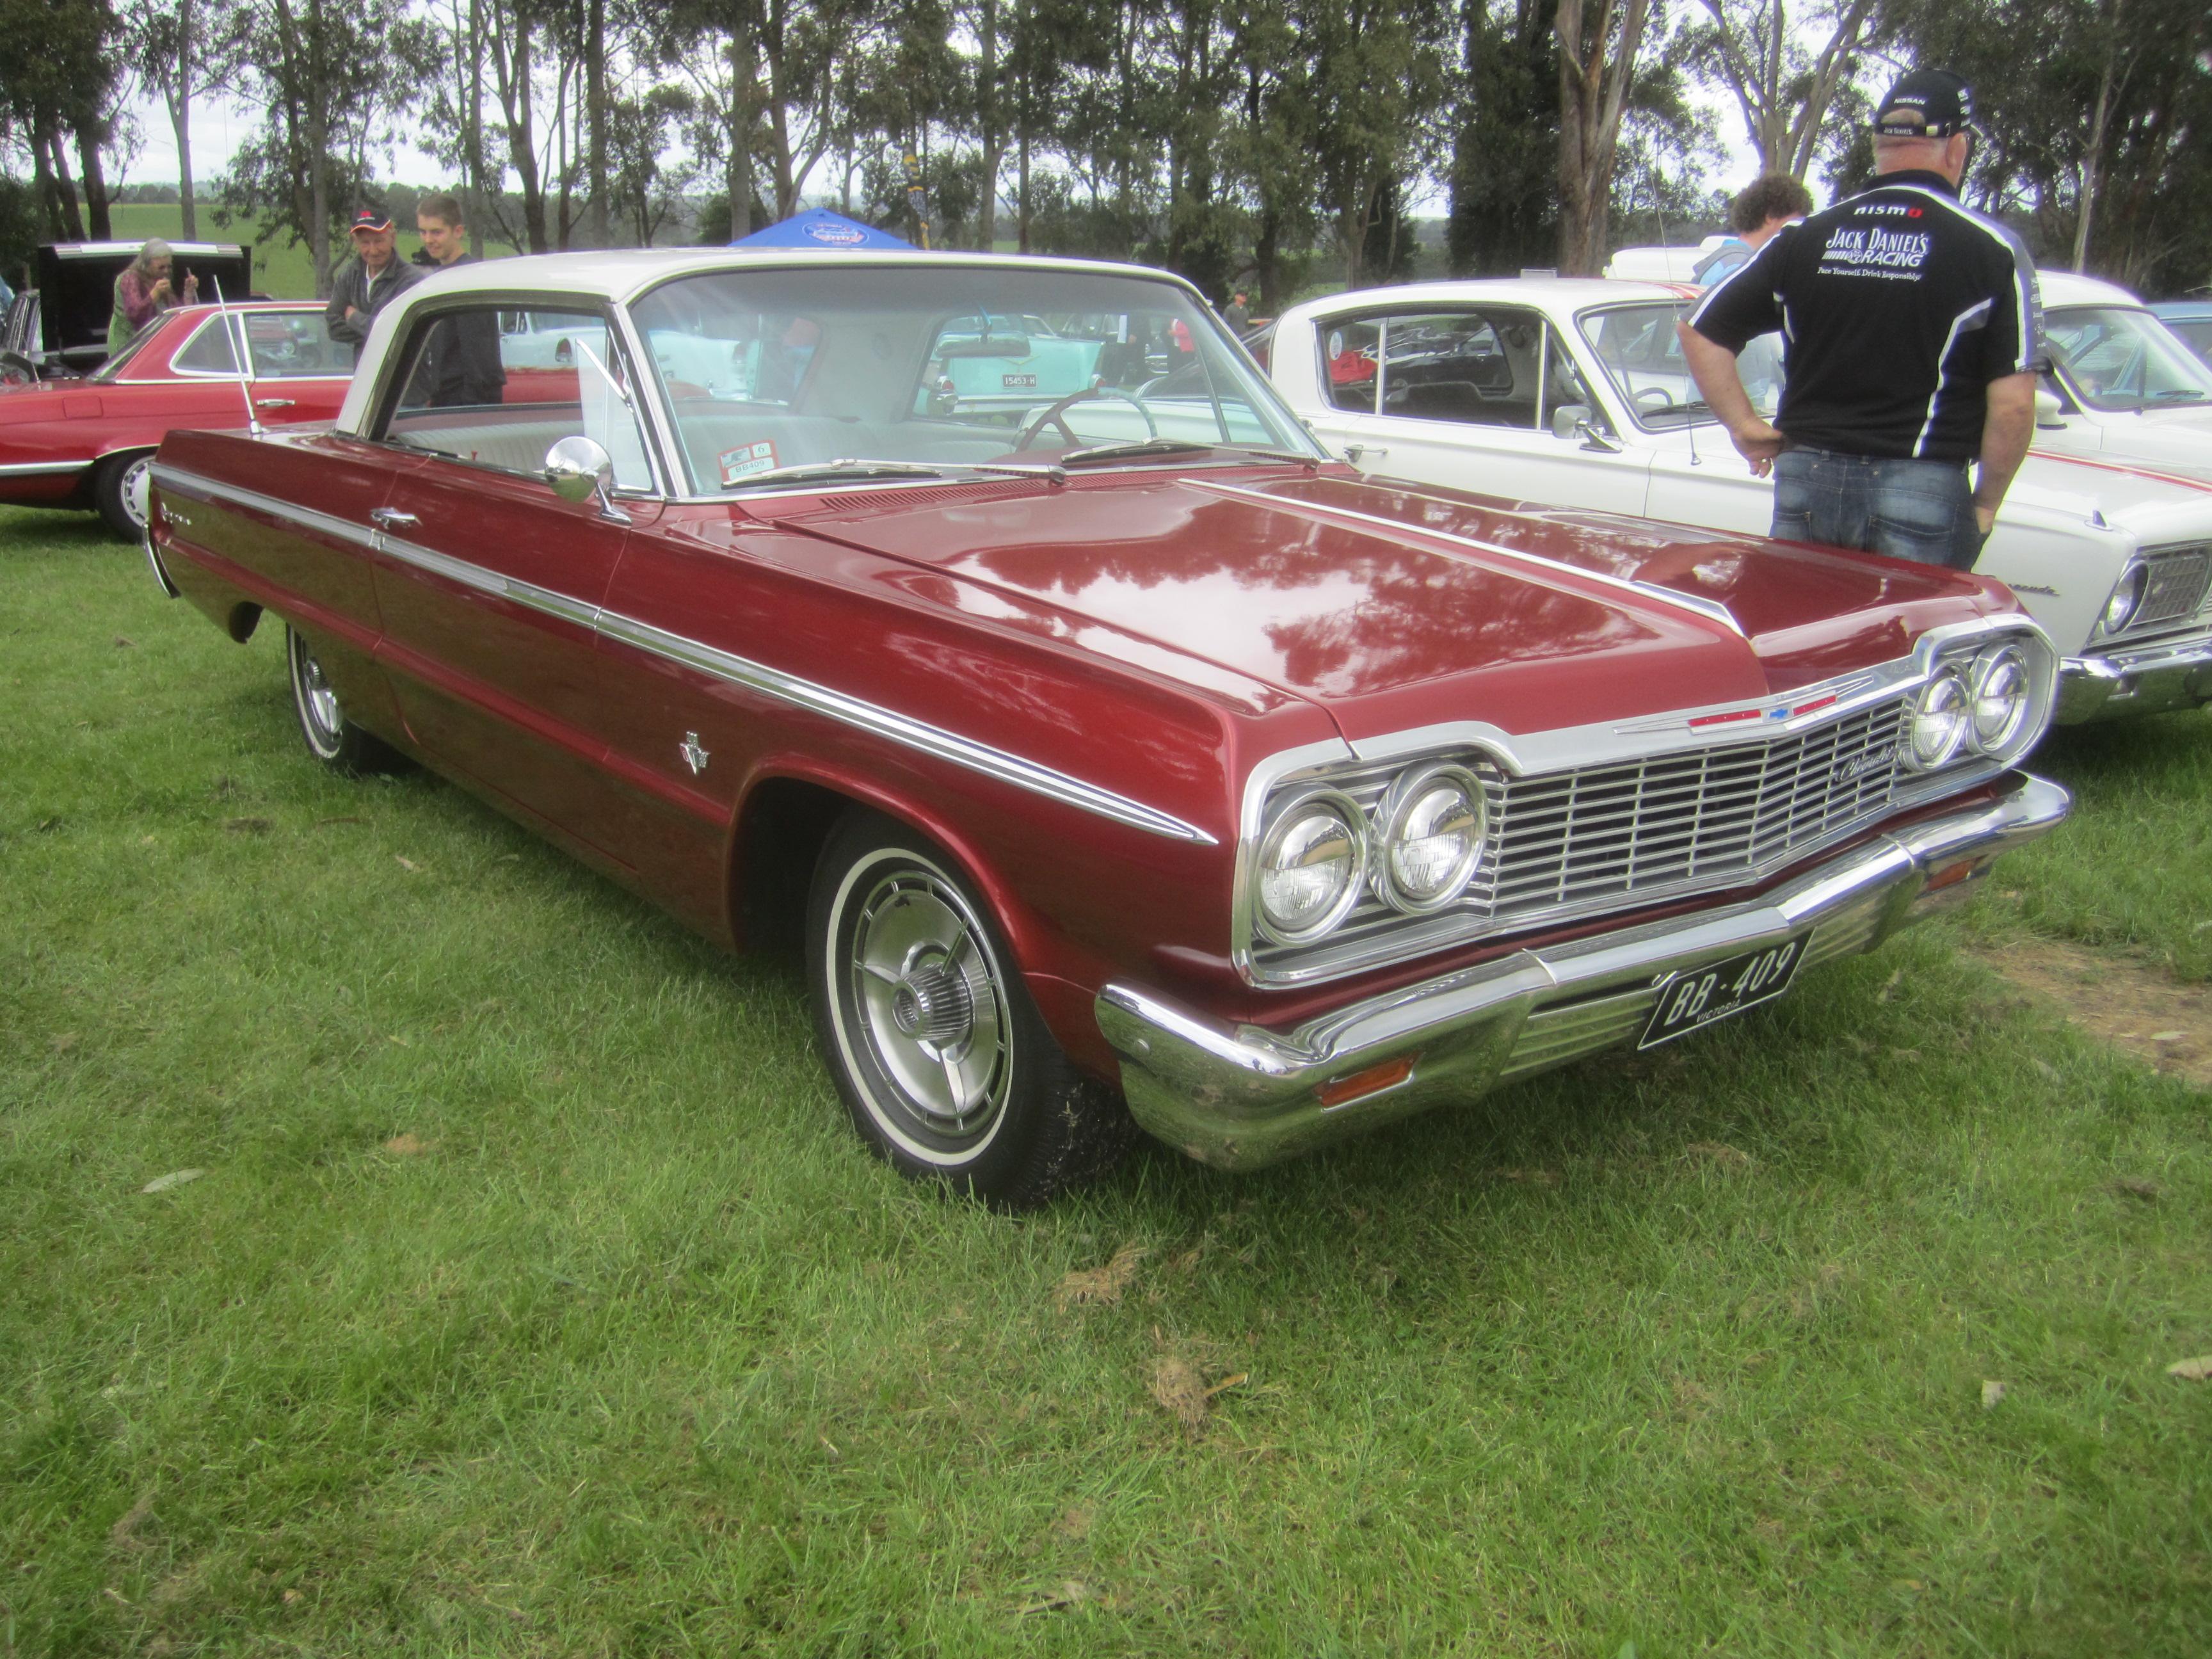 2014 Chevy Impala Ss 2 Door Www Pixshark Com Images